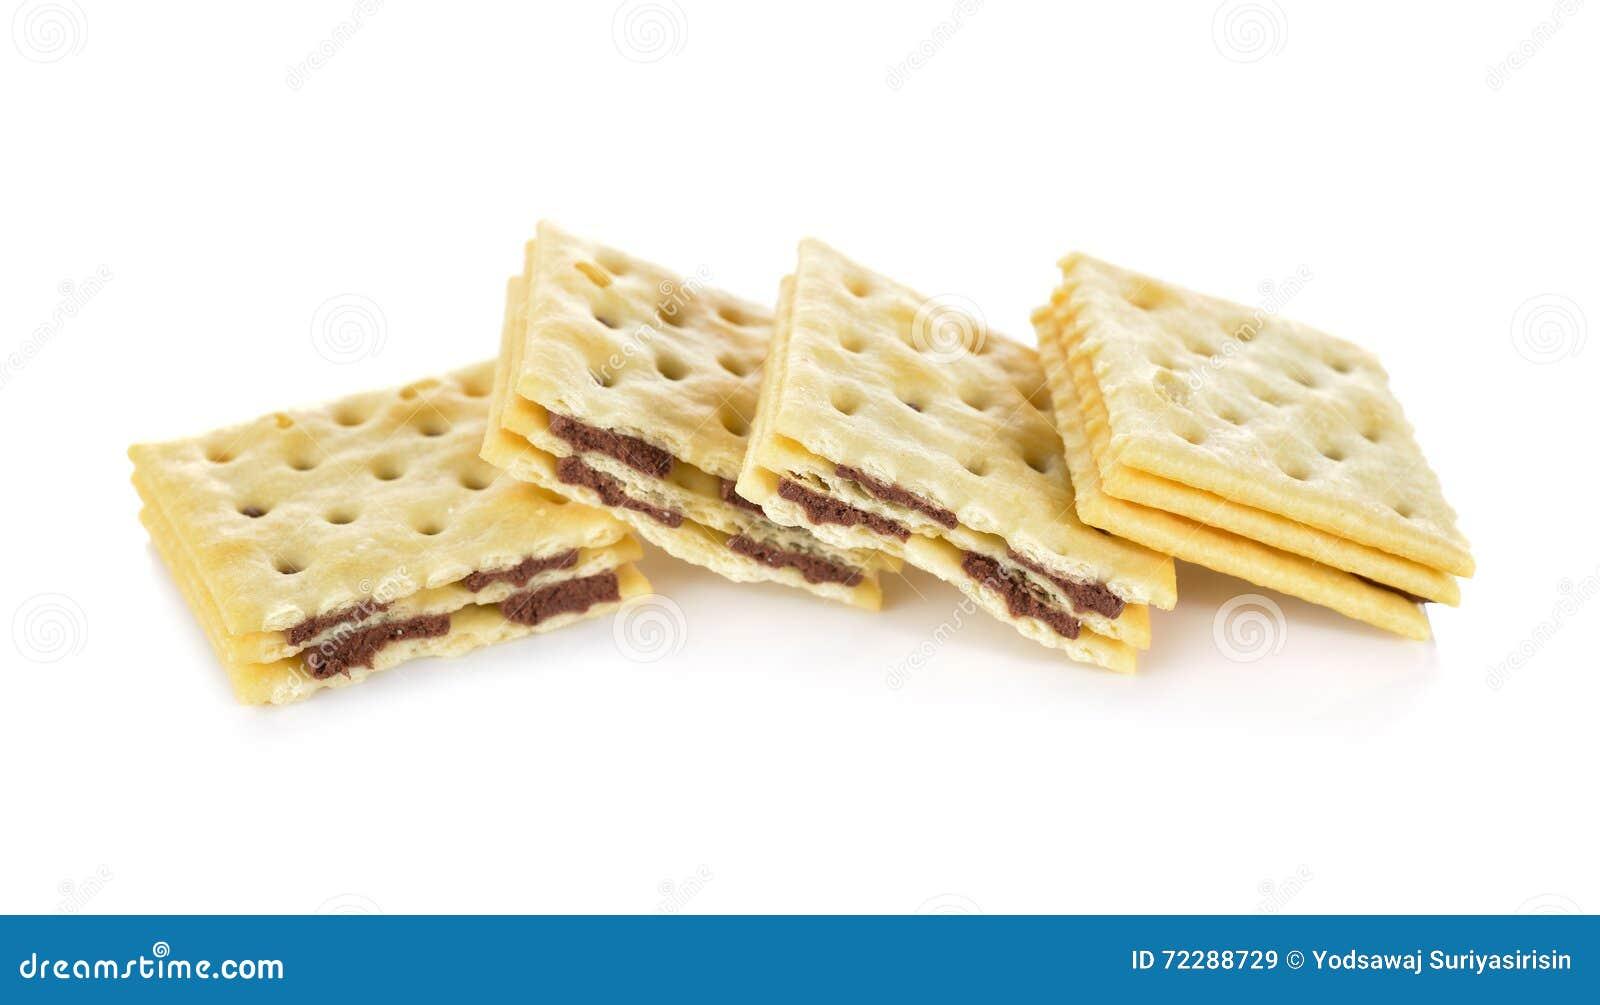 Download Прослоите сливк шутихи приправленную шоколадом на белой предпосылке Стоковое Изображение - изображение насчитывающей еда, флейвор: 72288729